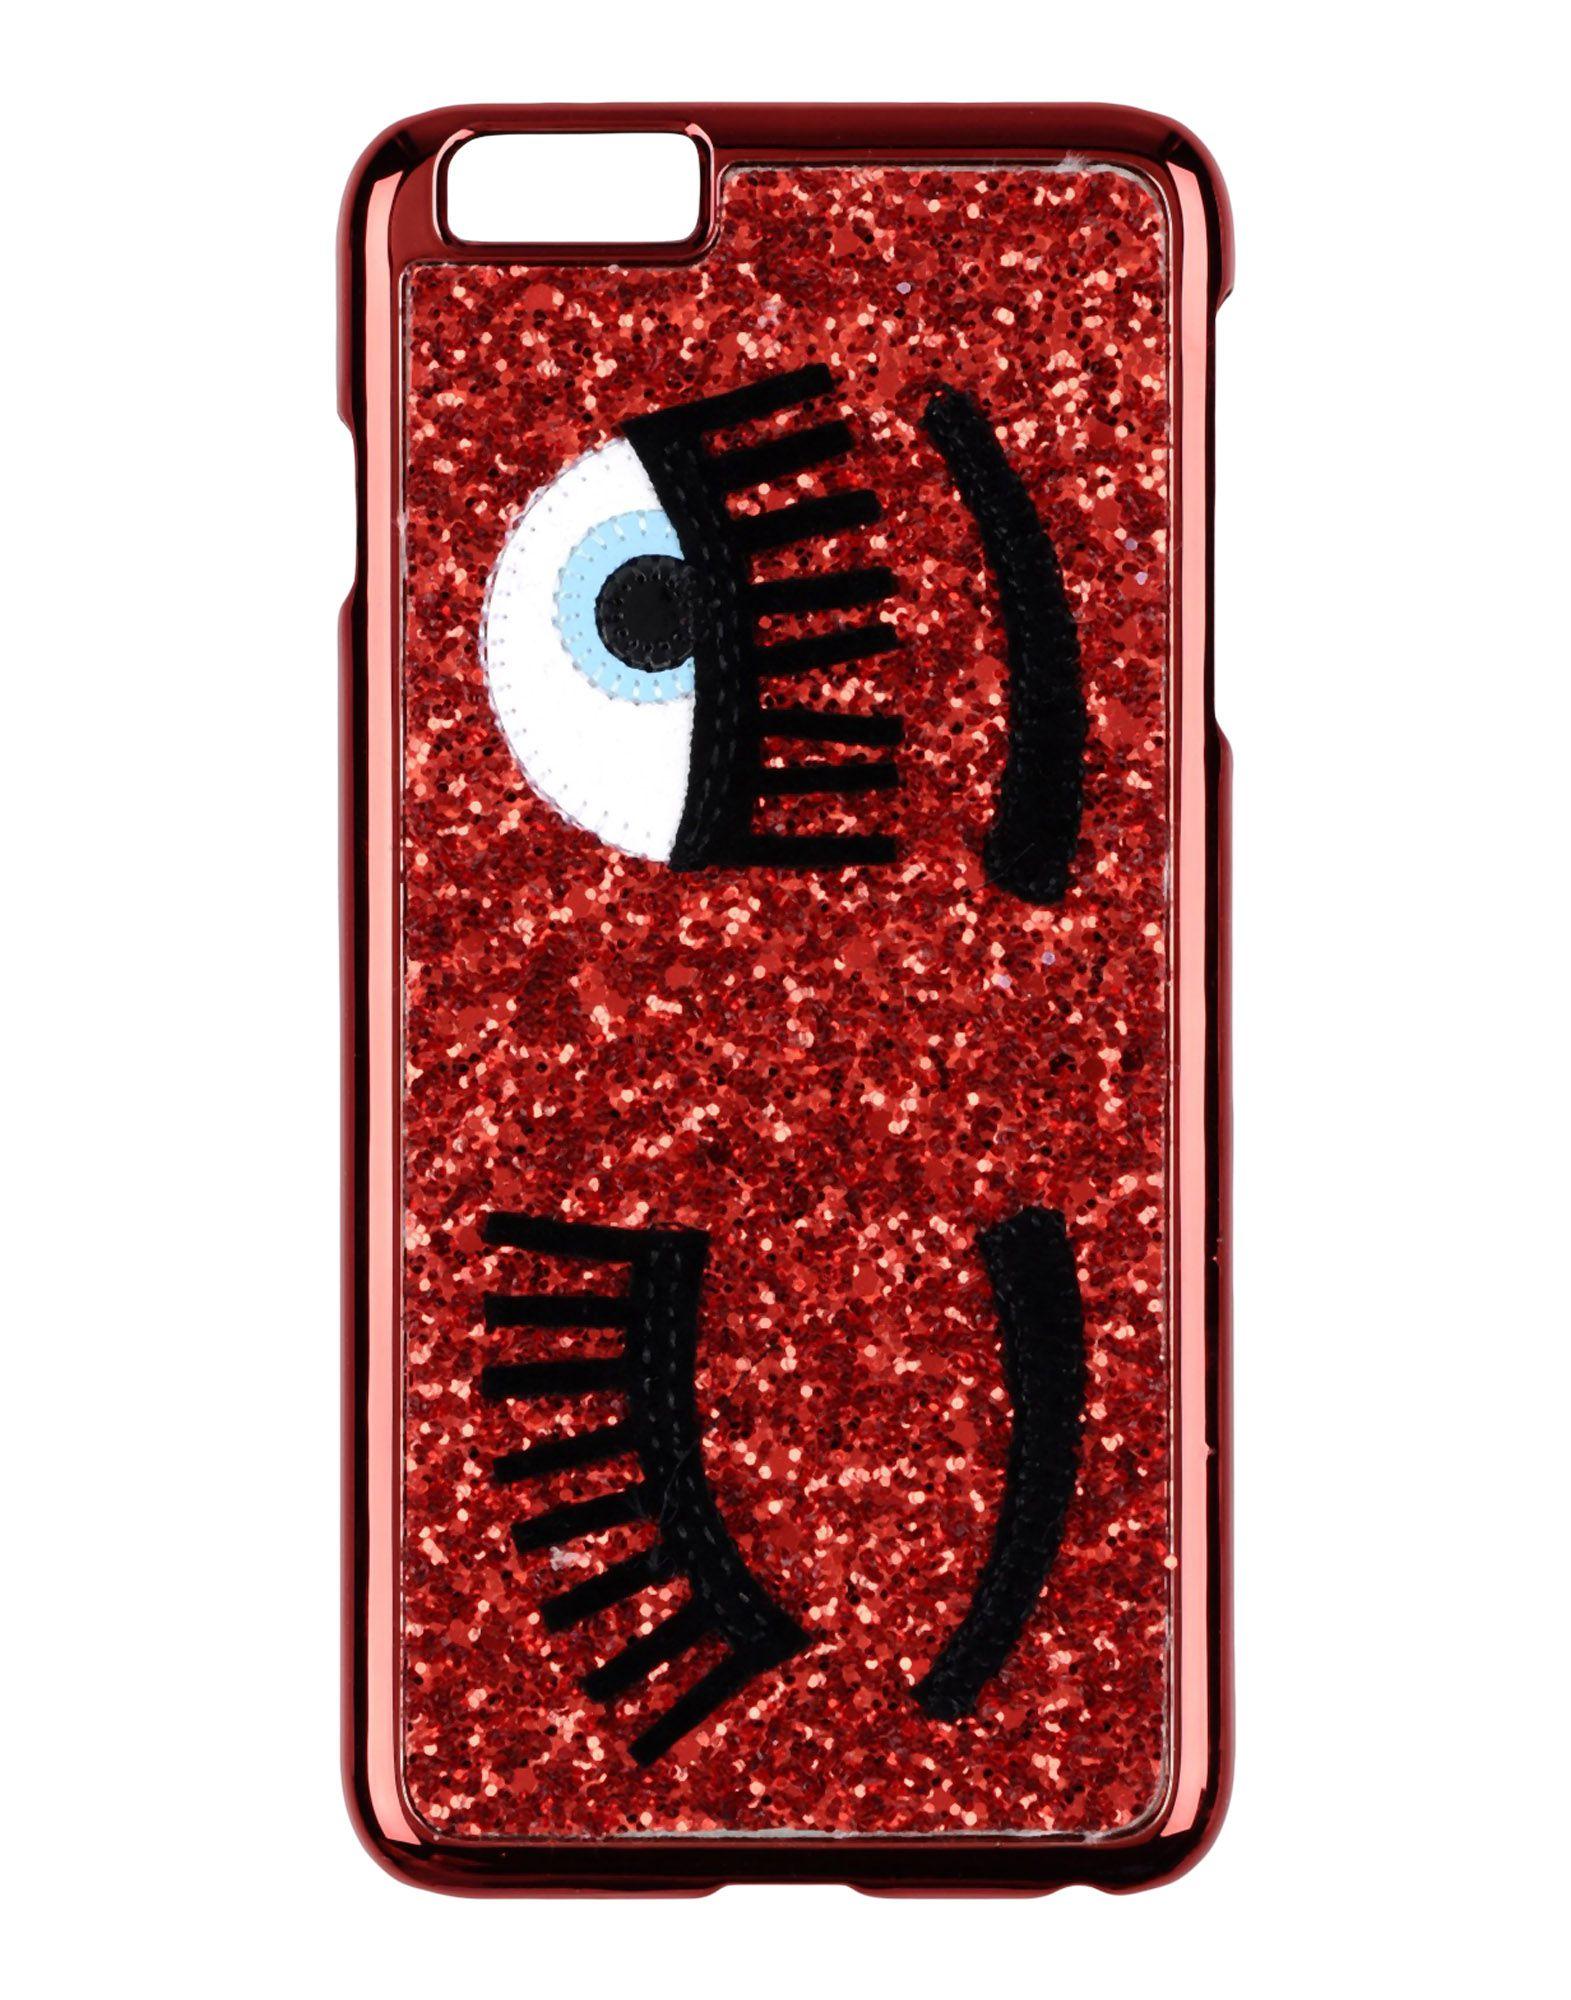 CHIARA FERRAGNI Чехол аккумулятор чехол для iphone 6 plus 6s plus 7 plus 7200 мач df ibattery 21 black